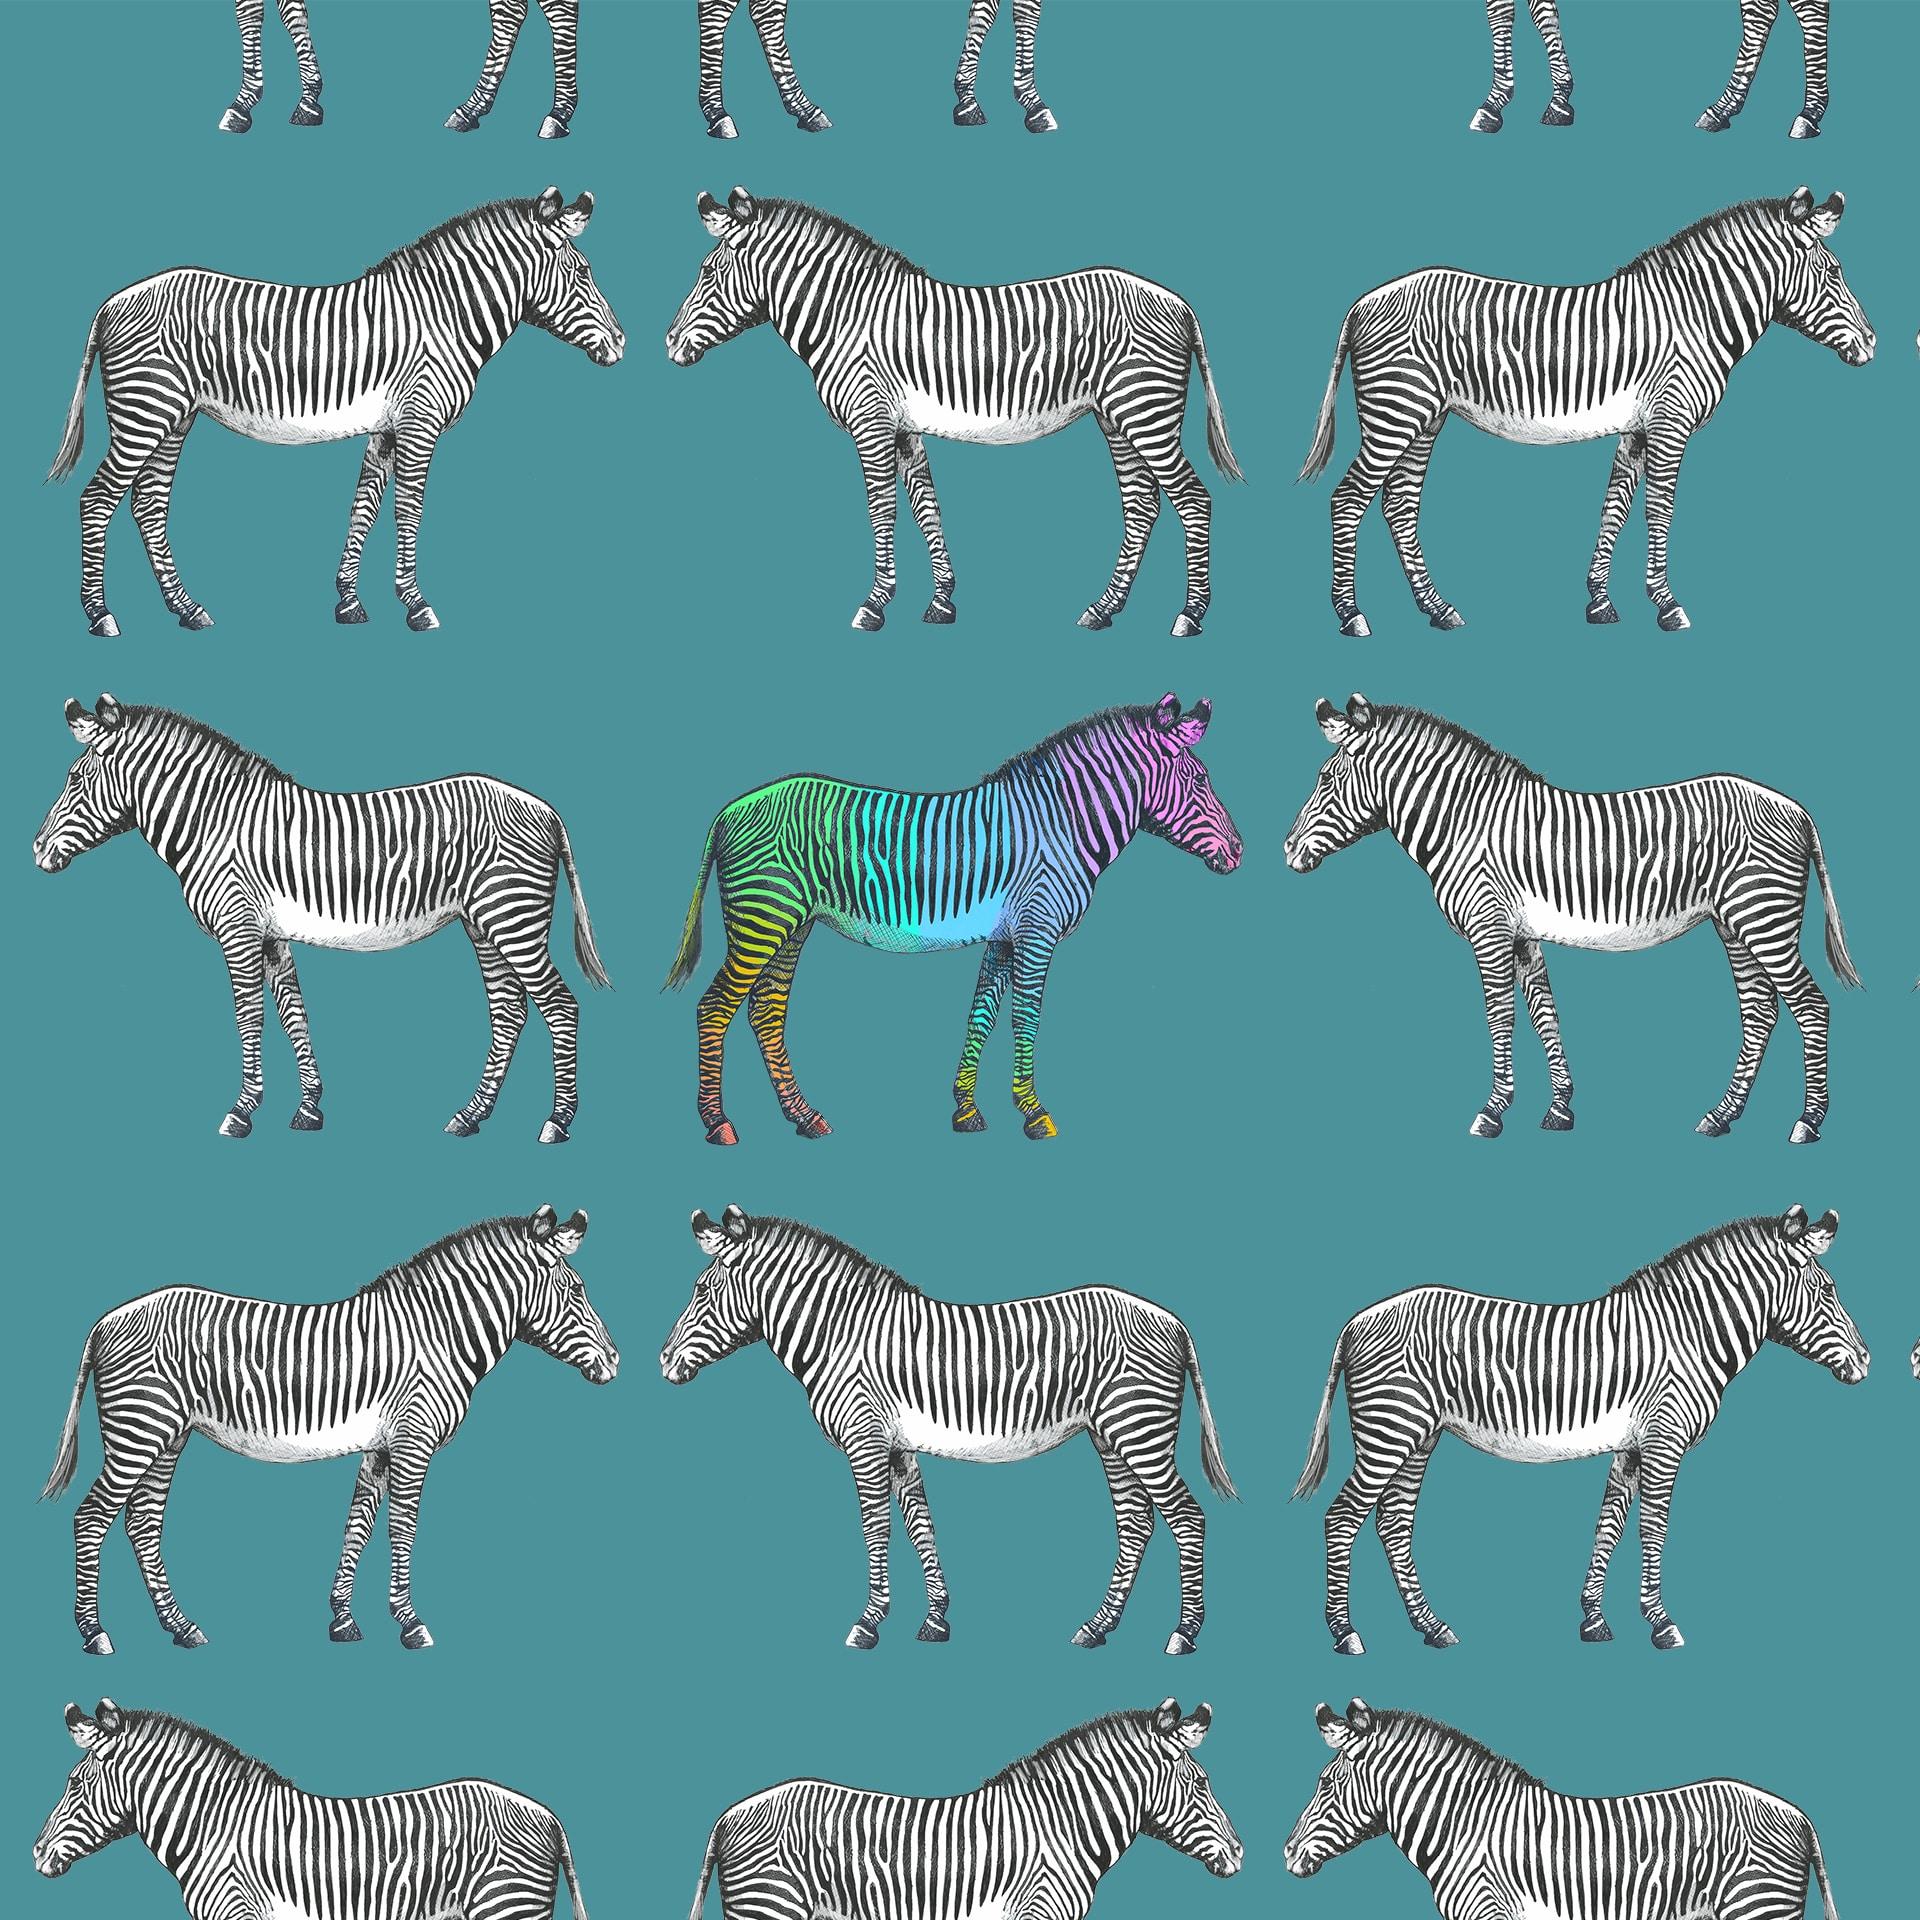 Zebra-Repeat-multi-closer